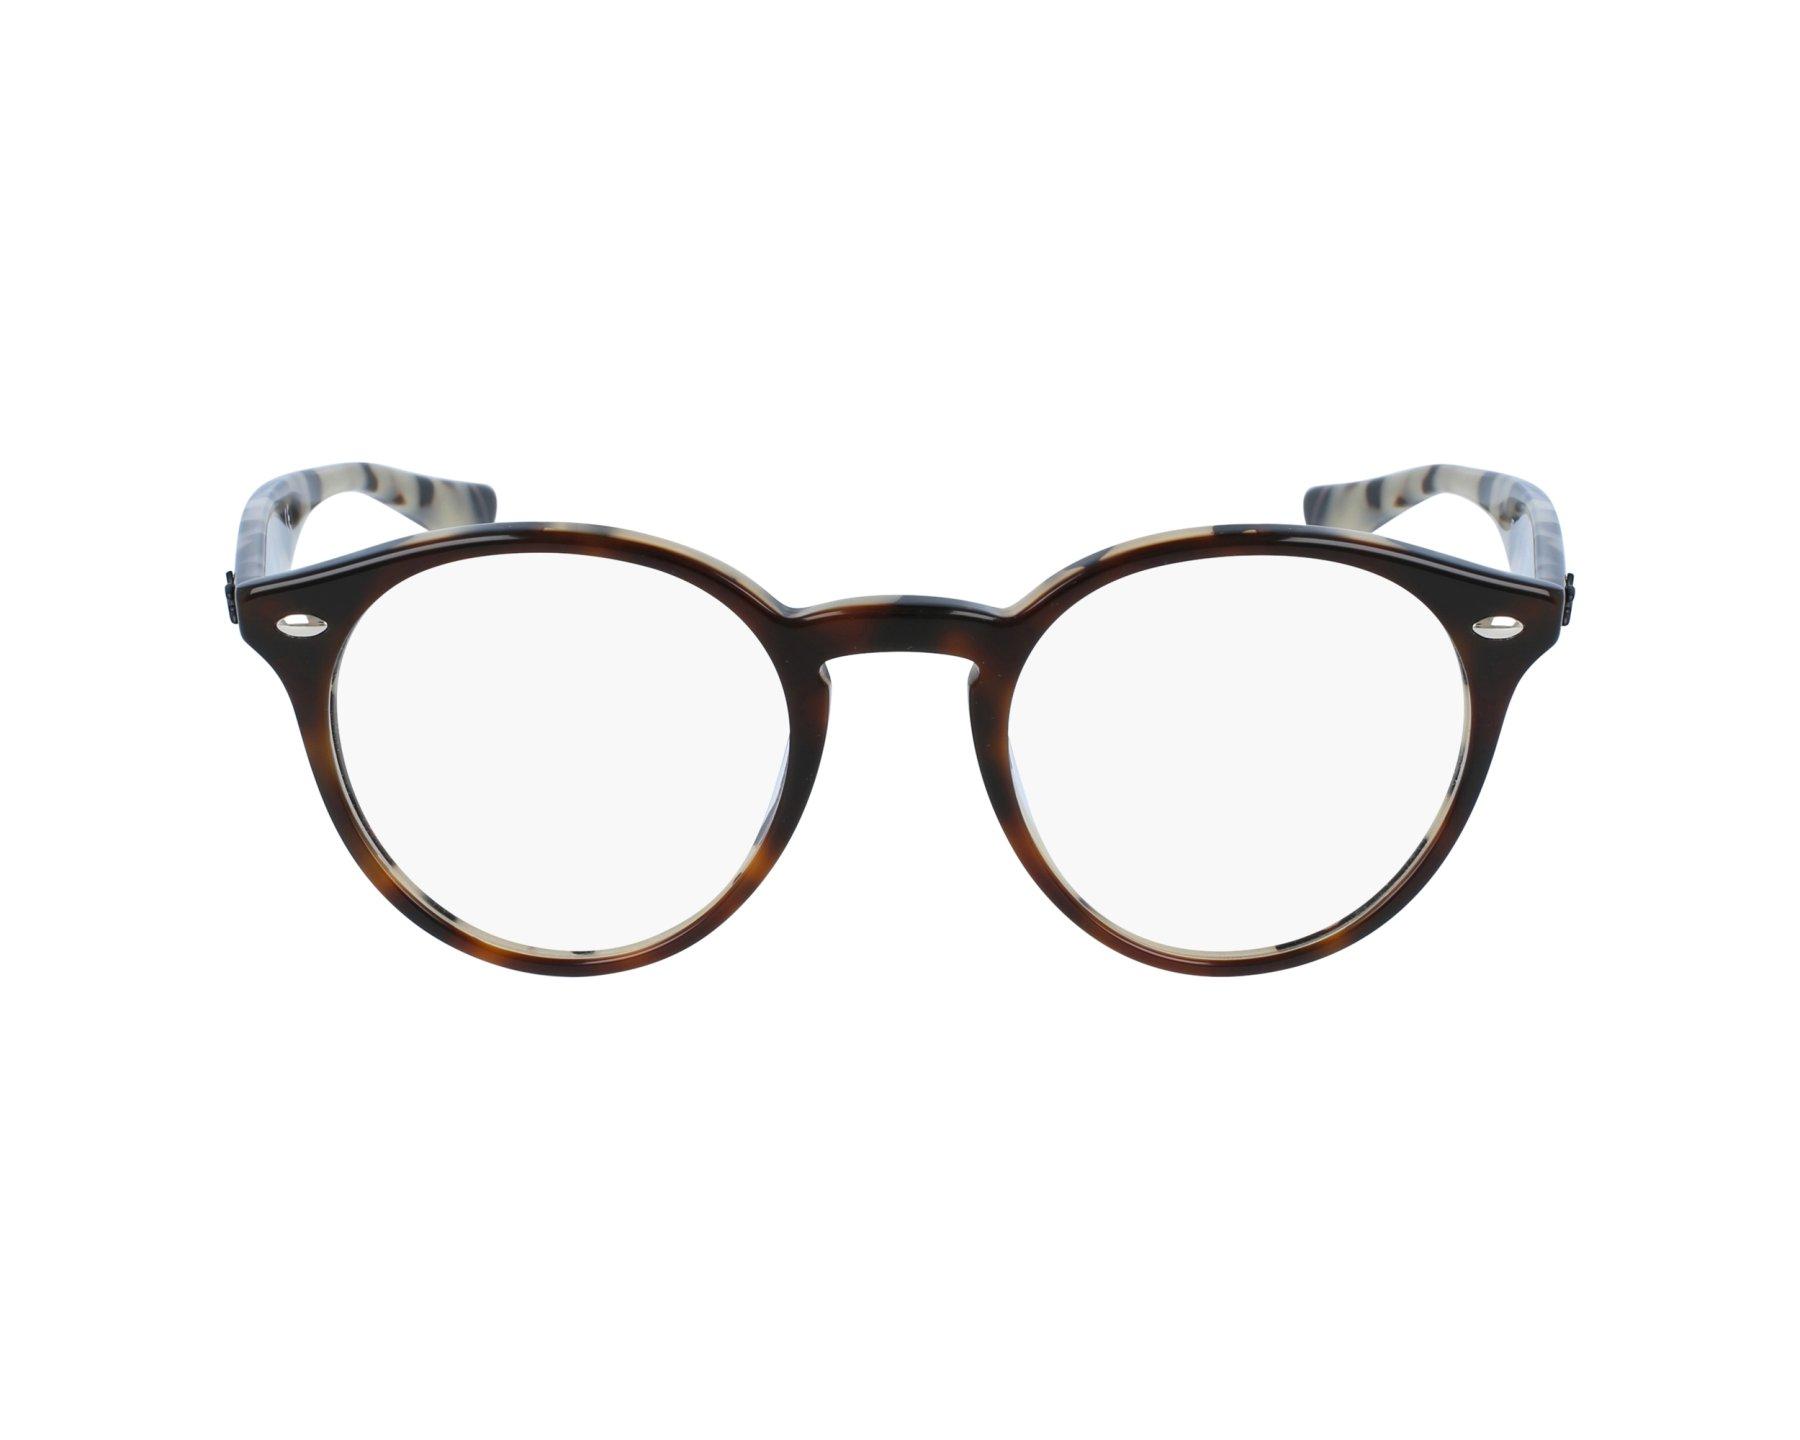 61cbaed83db62 eyeglasses Ray-Ban RX-2180-V 5676 47-21 Havana Brown profile